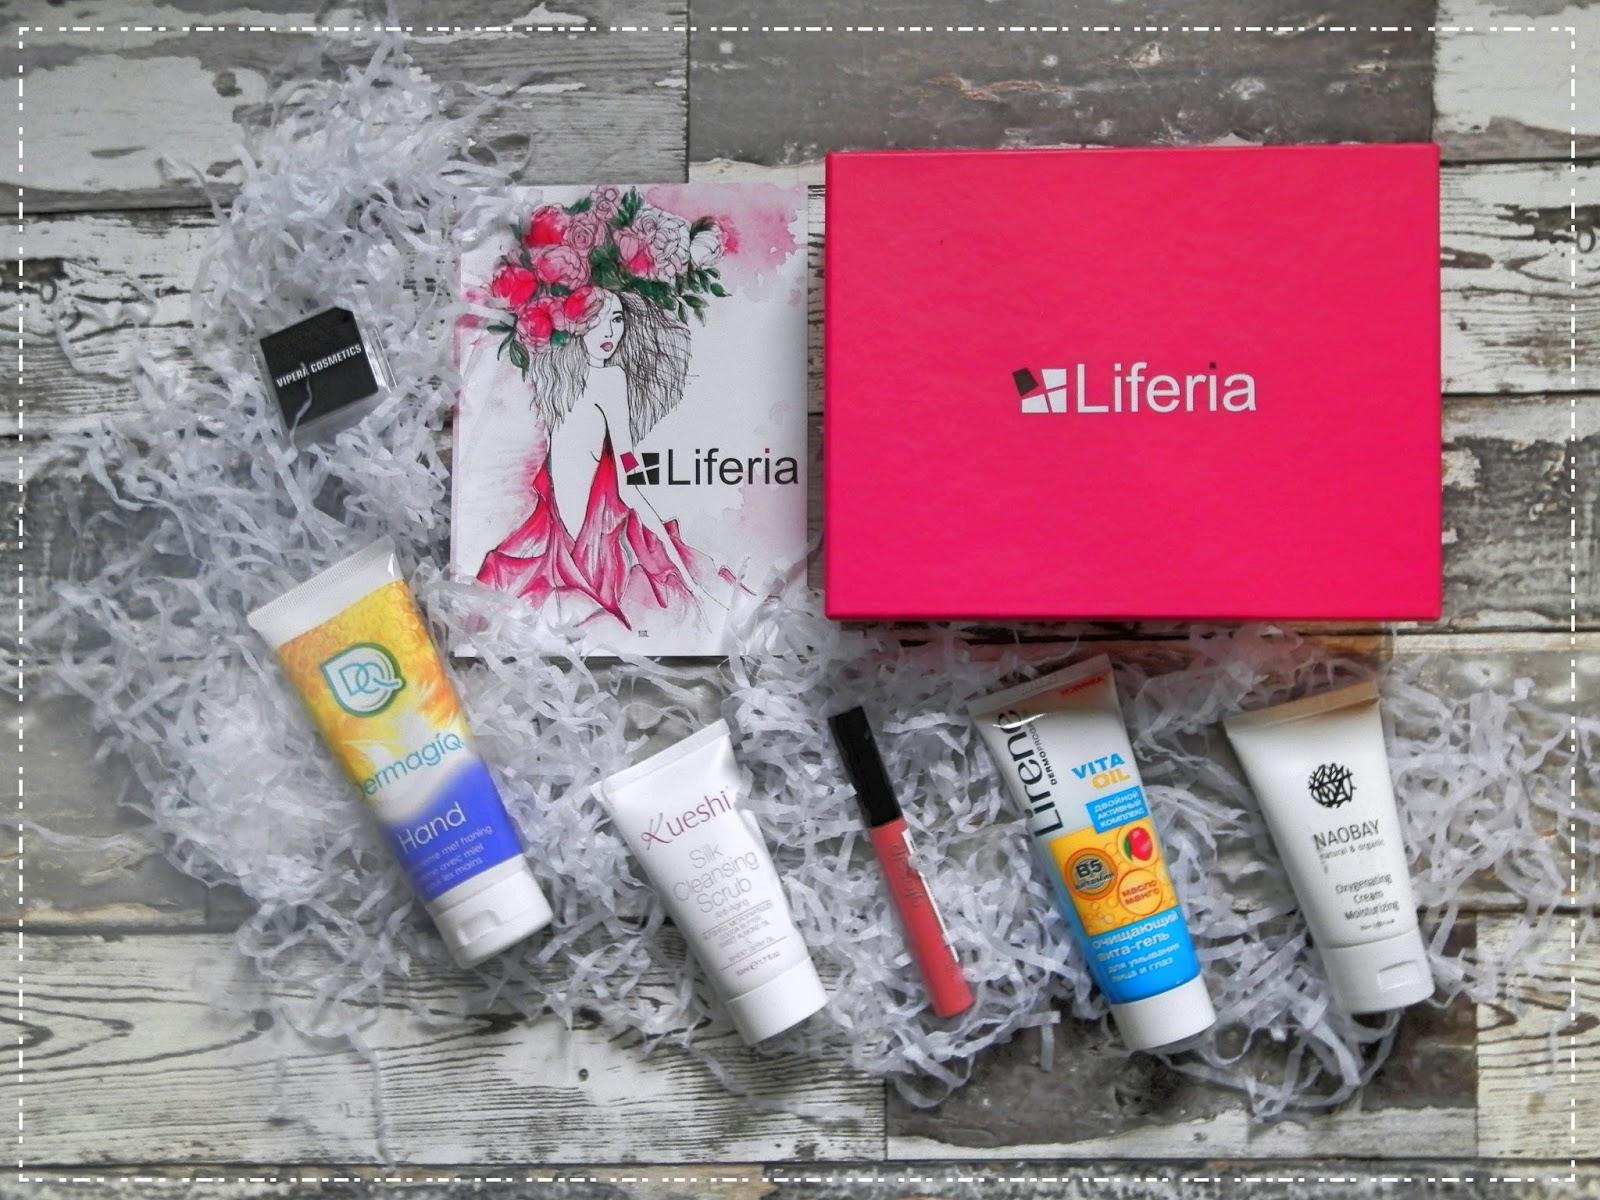 Liferia - Czy różowe pudełko zawojuje Polskę?